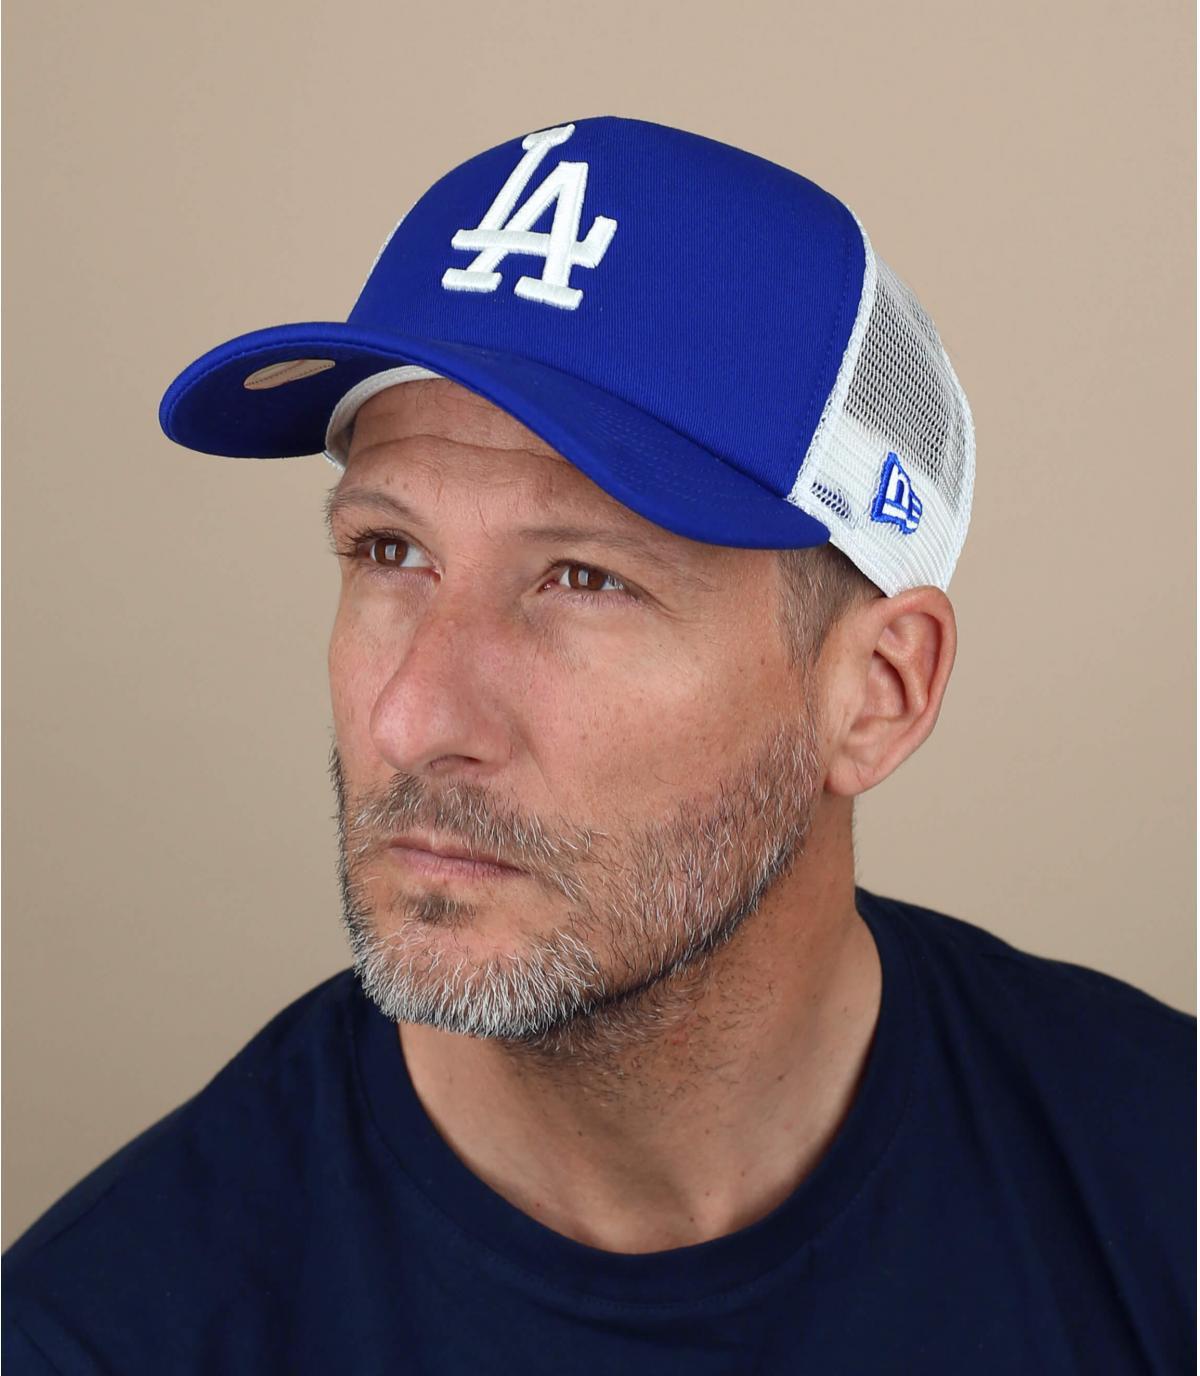 Blue LA trucker cap